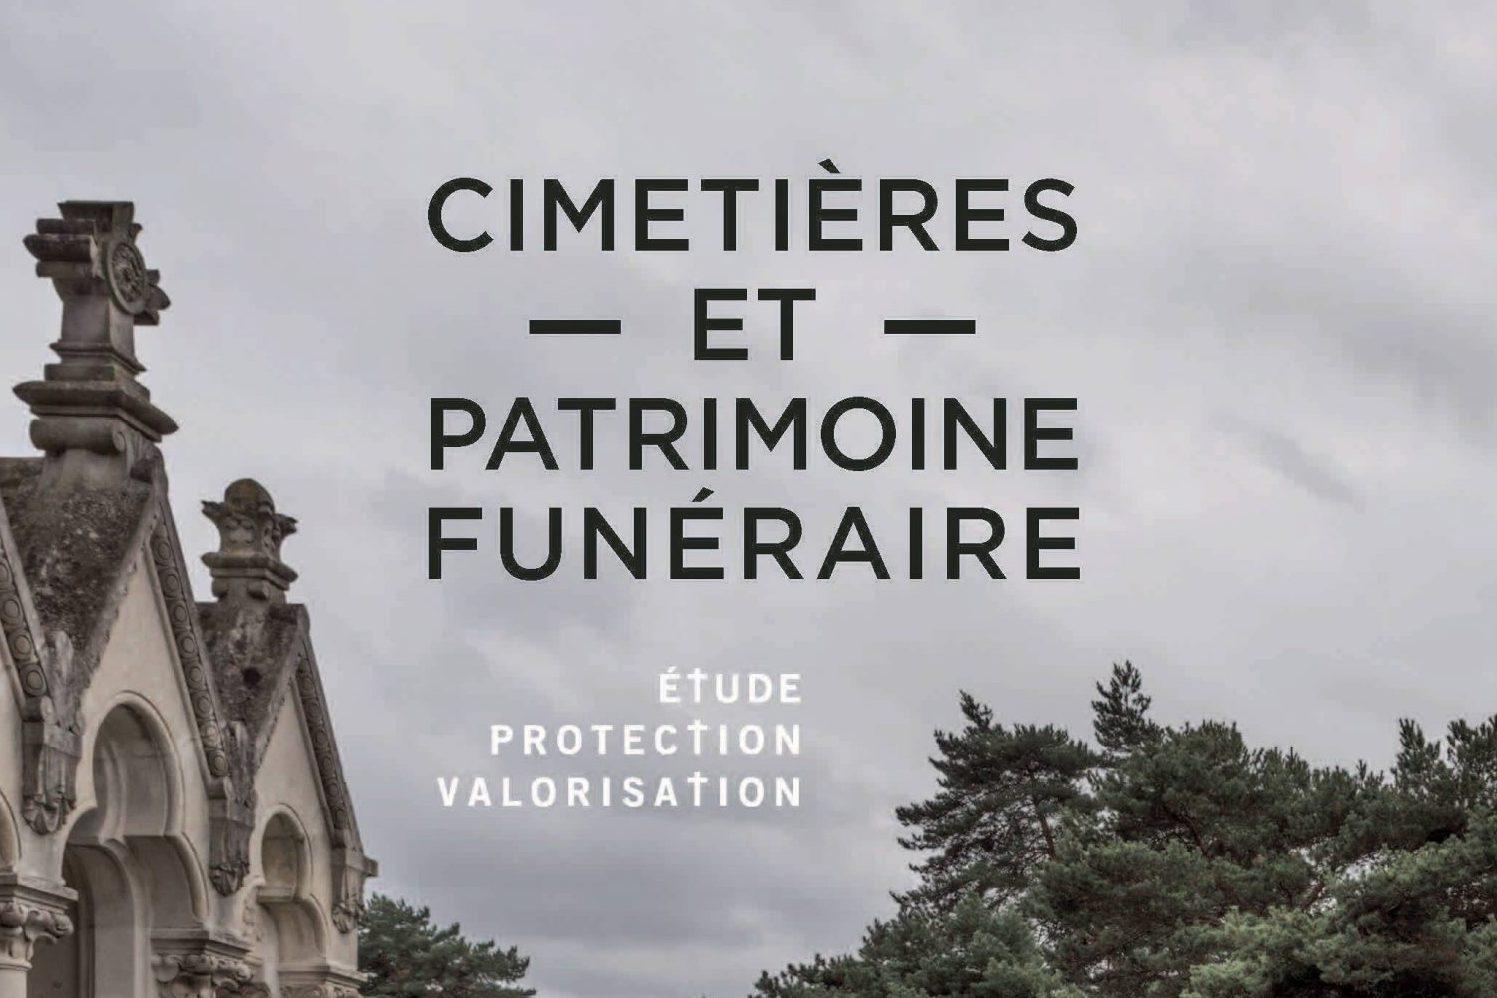 « Cimetières et patrimoine funéraire. Étude, protection, valorisation » par le Ministère de la Culture